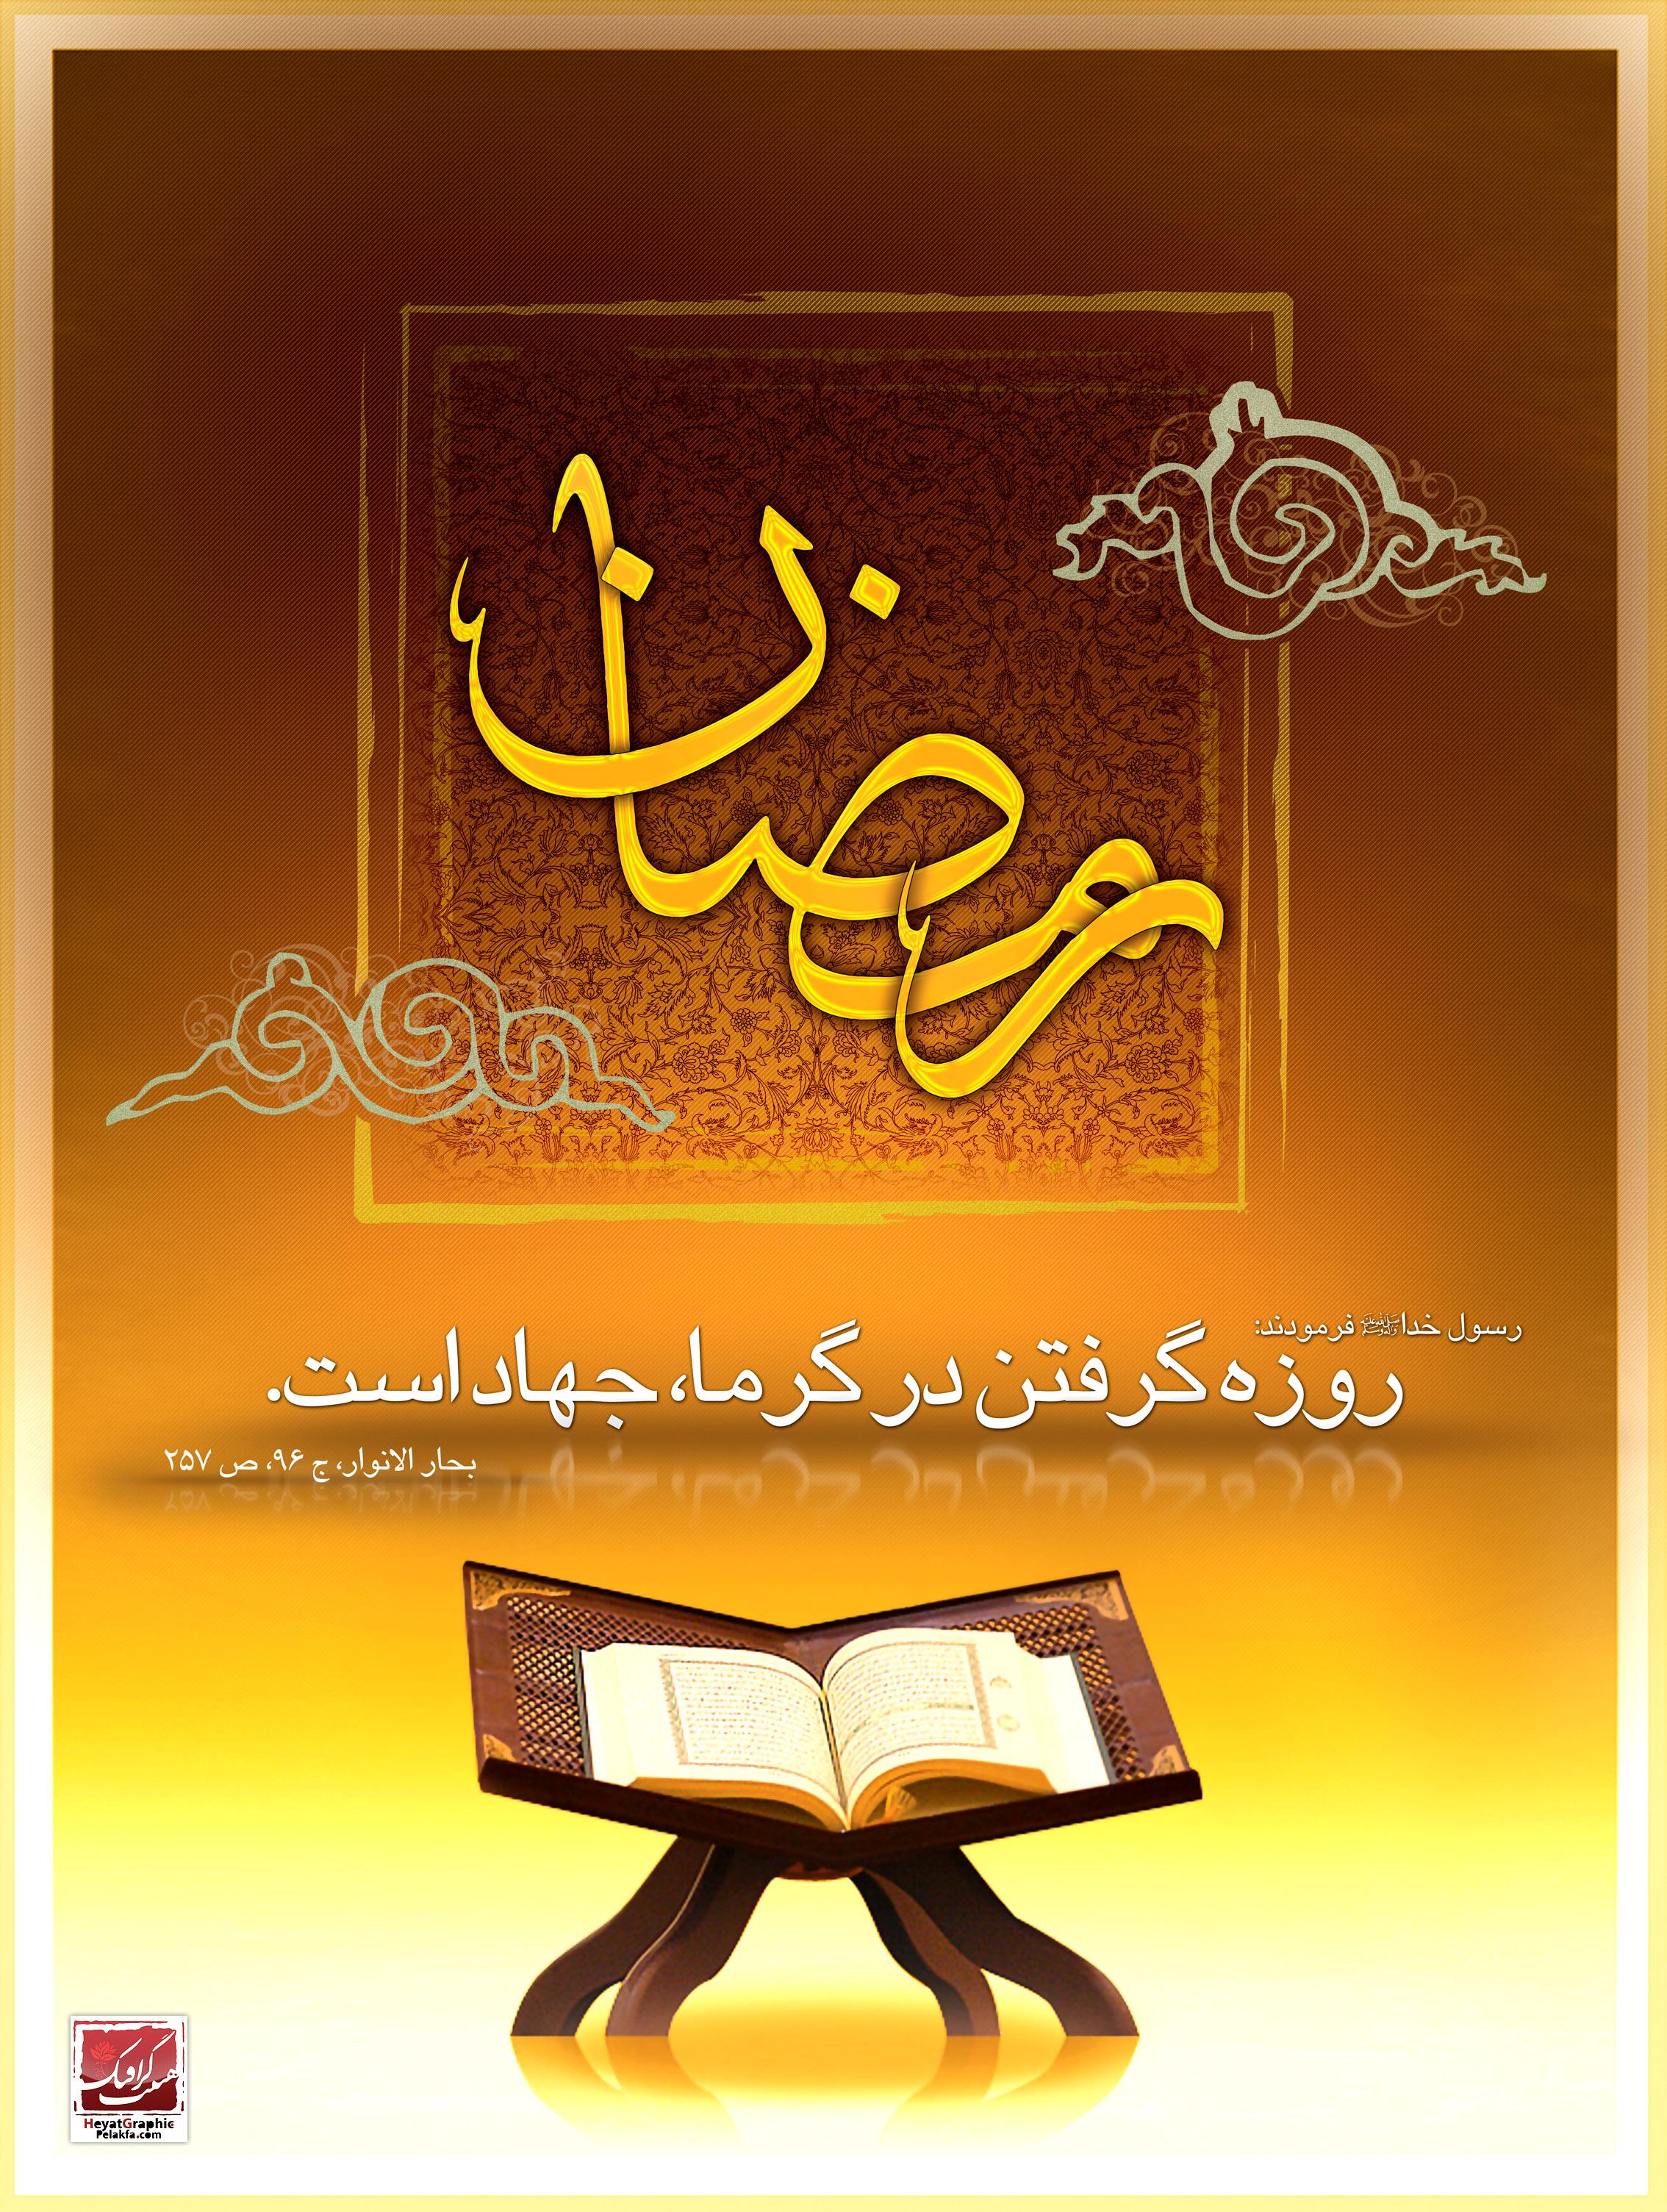 http://heyatgraphic.persiangig.com/image/ramazan89/ramazan5-89-heyatgraphic.pelakfa.jpg